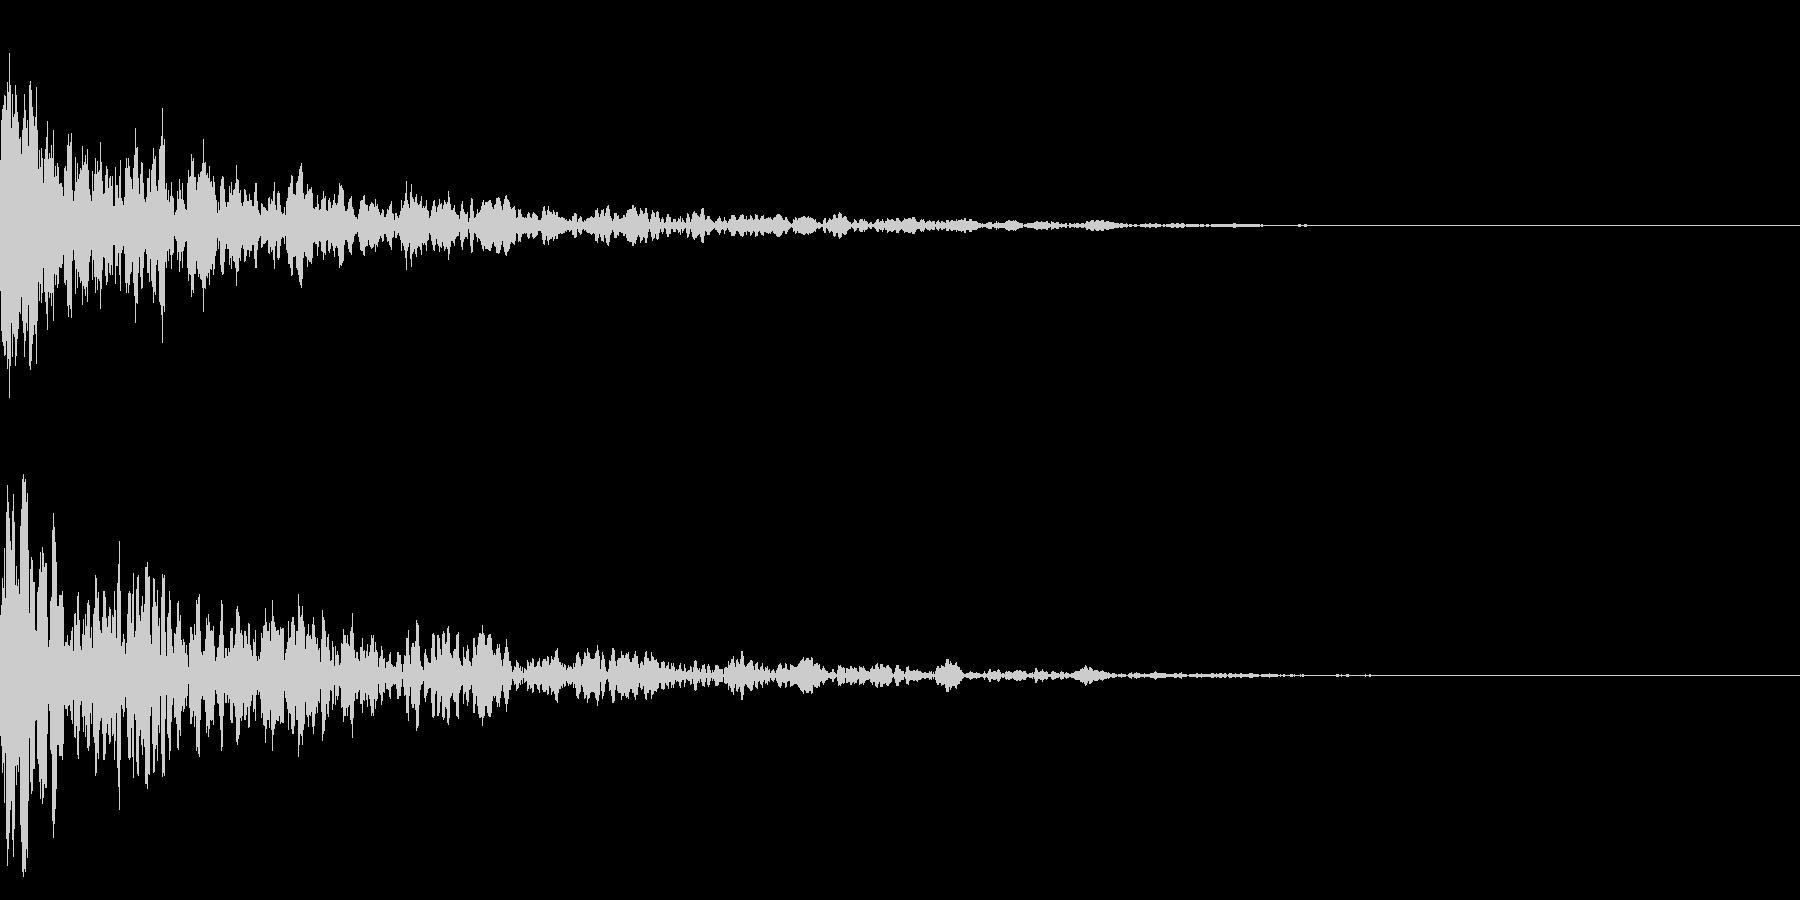 ドーン-07-1(インパクト音)の未再生の波形